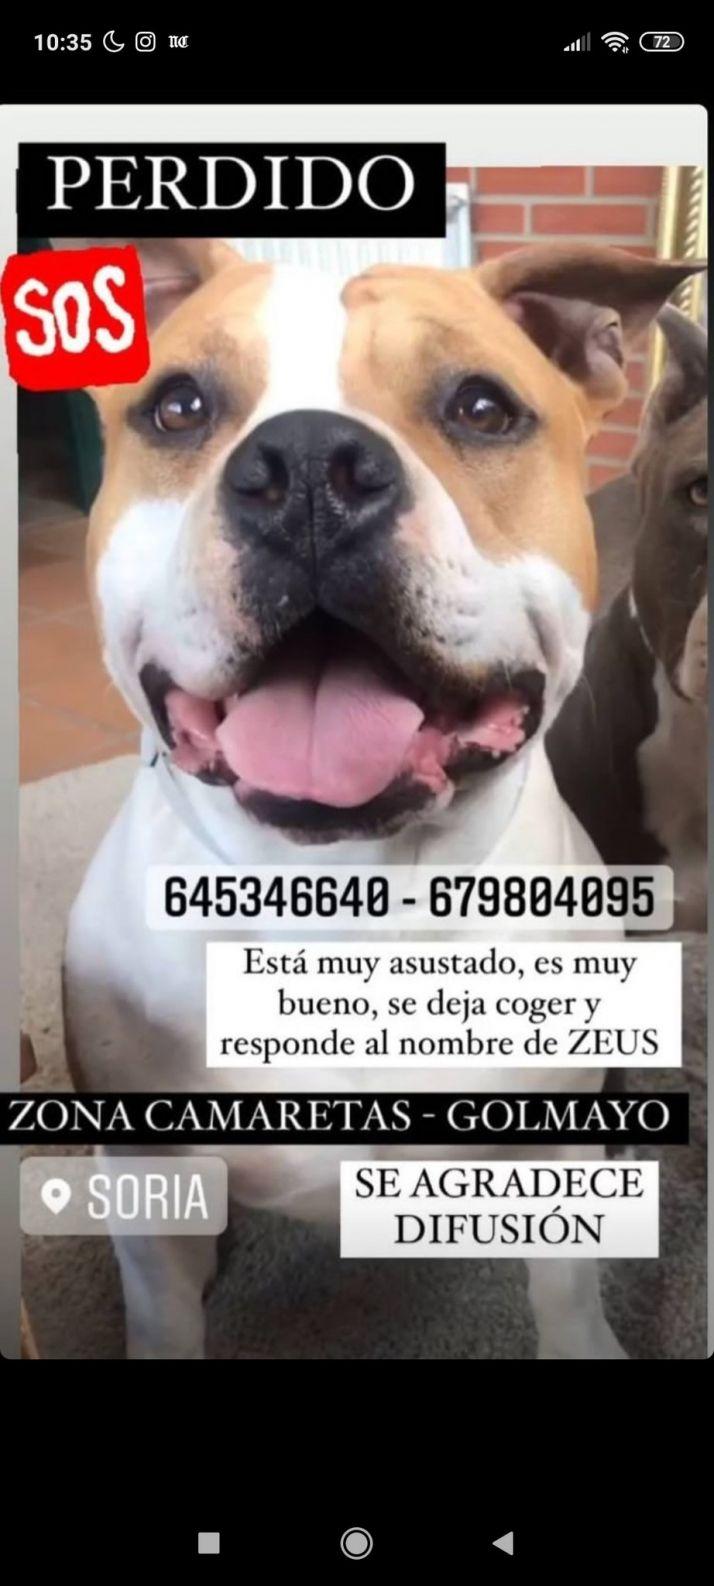 Foto 1 - Desaparece un perro en Soria